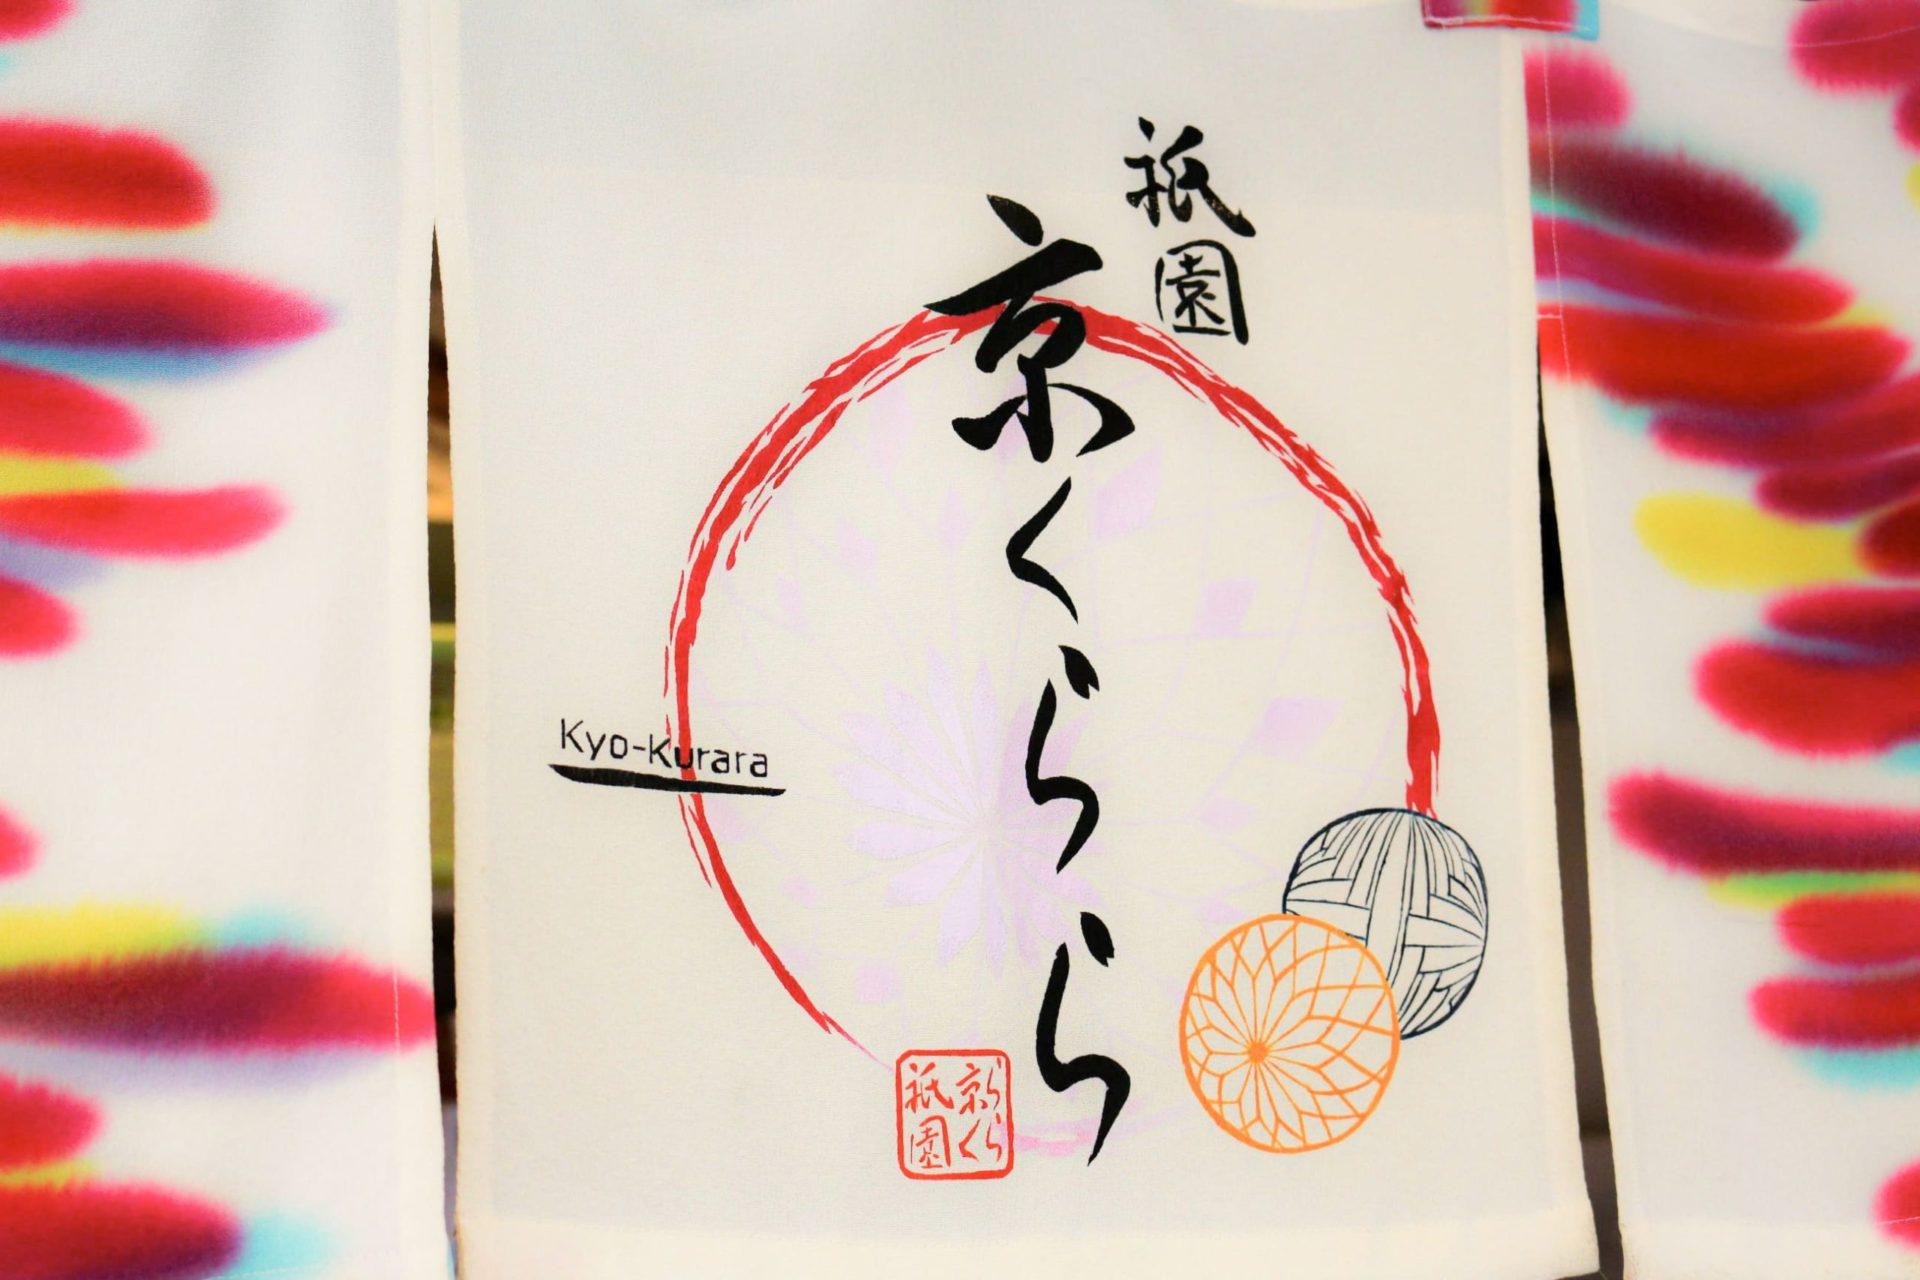 祇園京くらら | 祇園の生麩専門店 | 祇園でおいしい生麩のテイクアウト | 京生麩